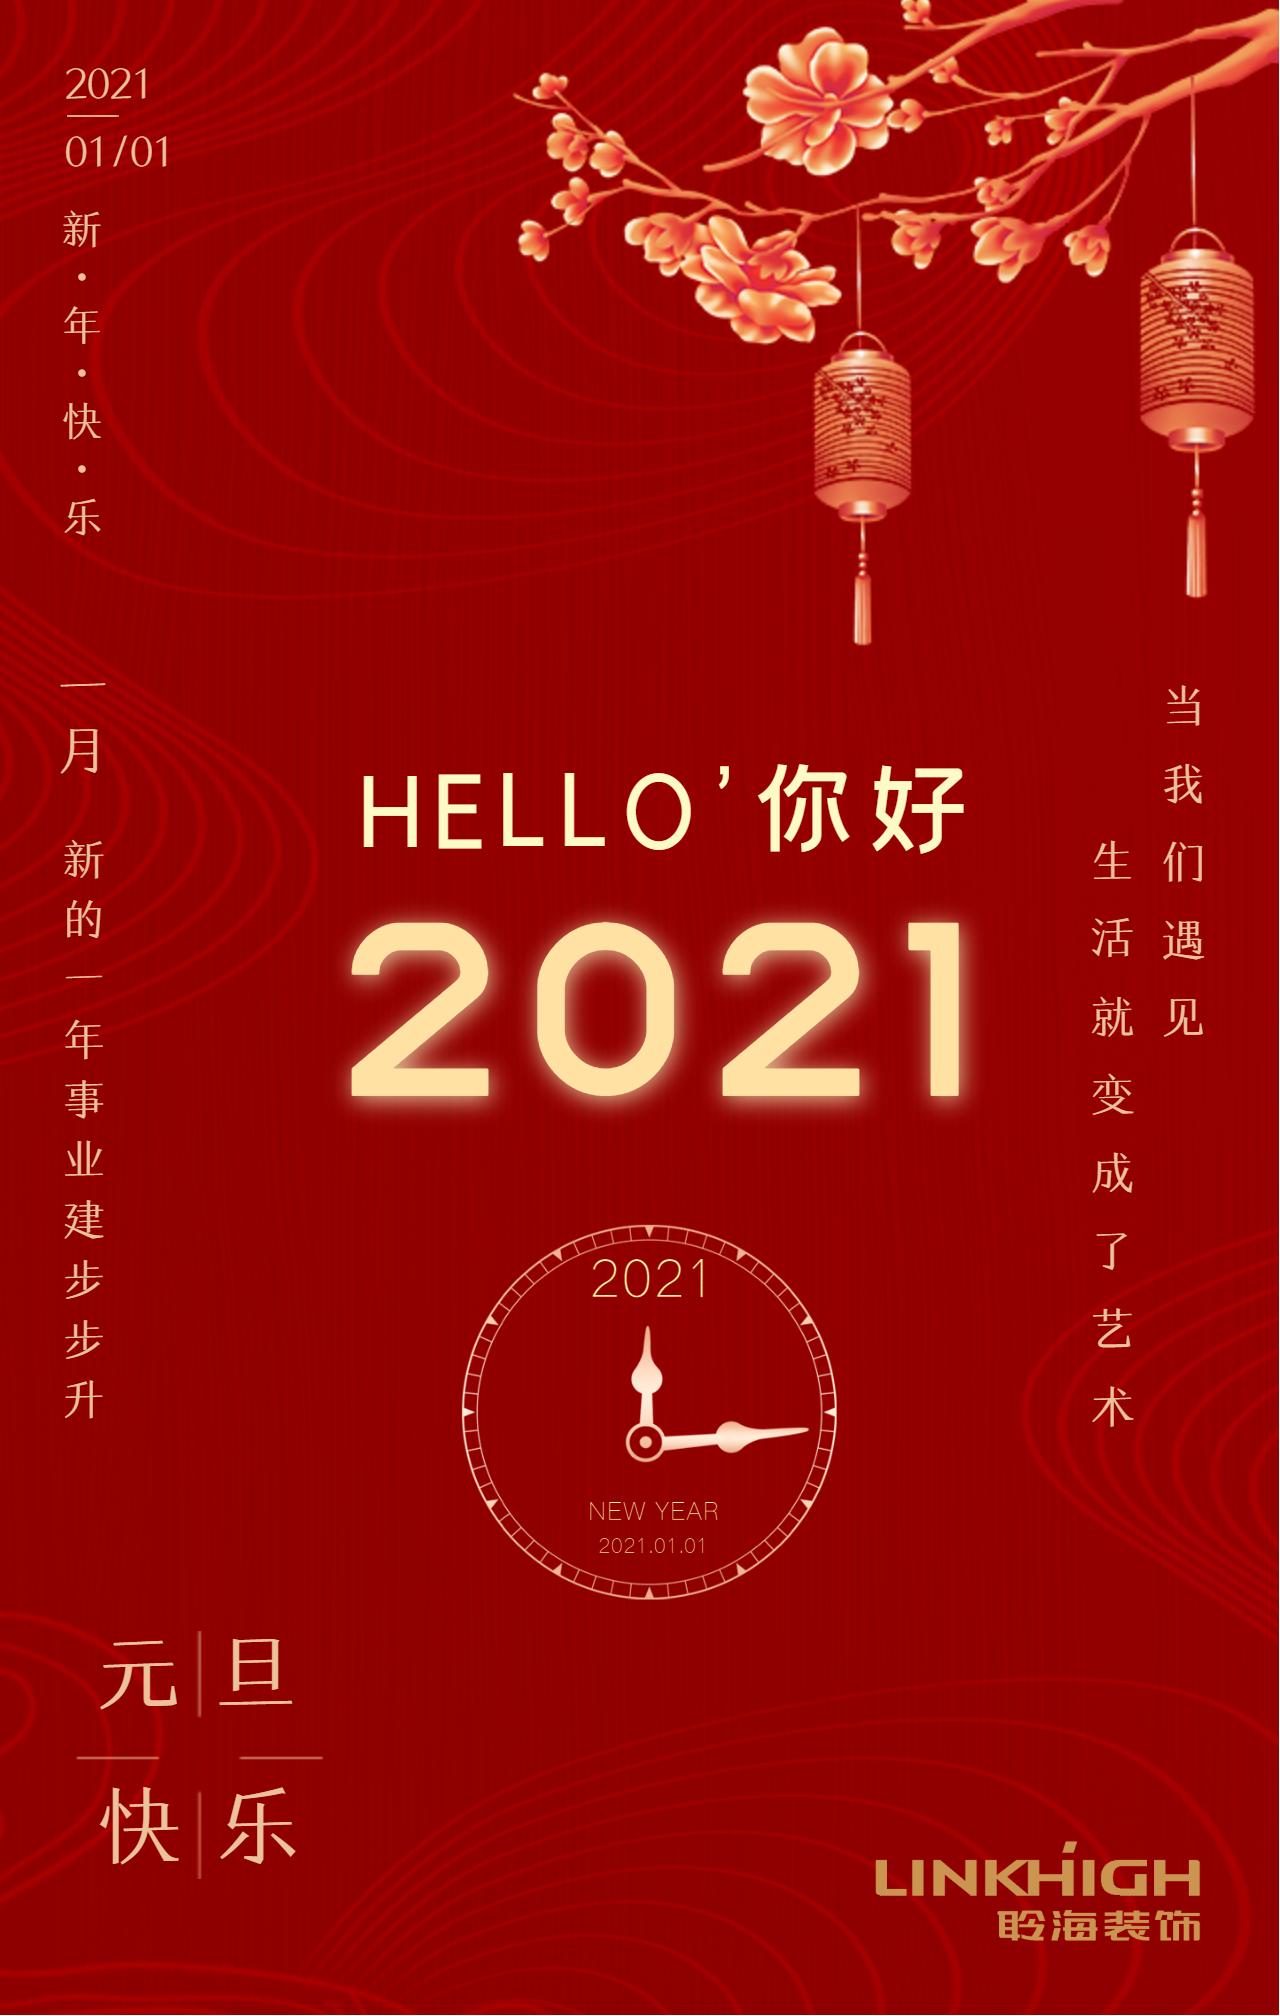 你好2021!聆海再出發!